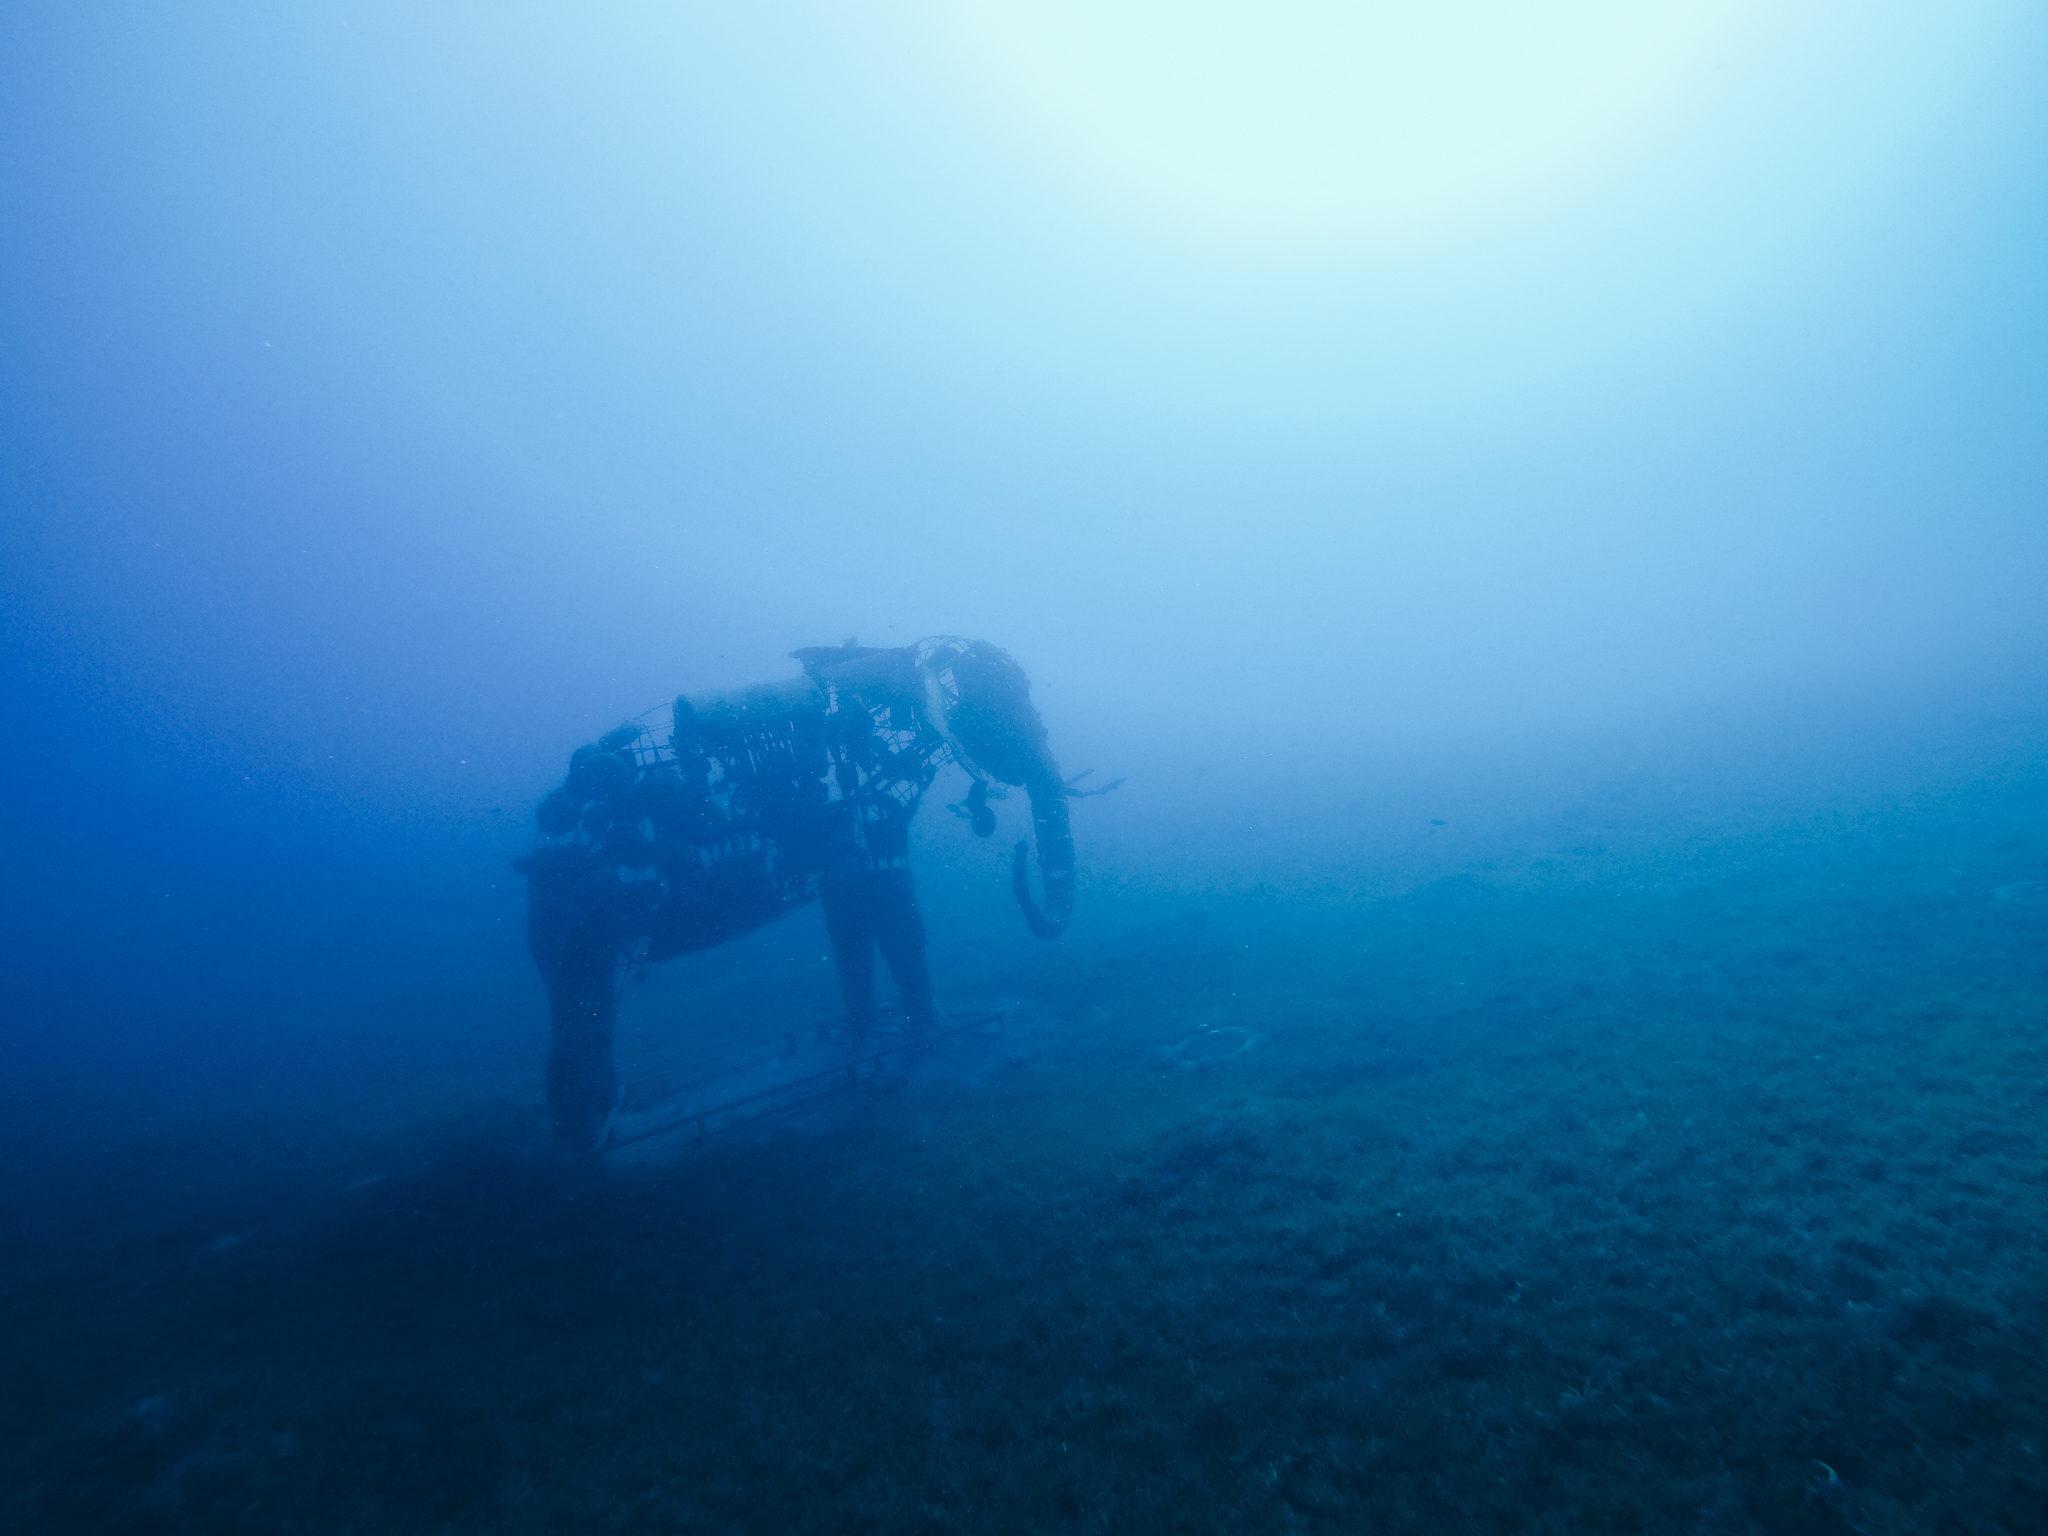 elephant statue underwater photography